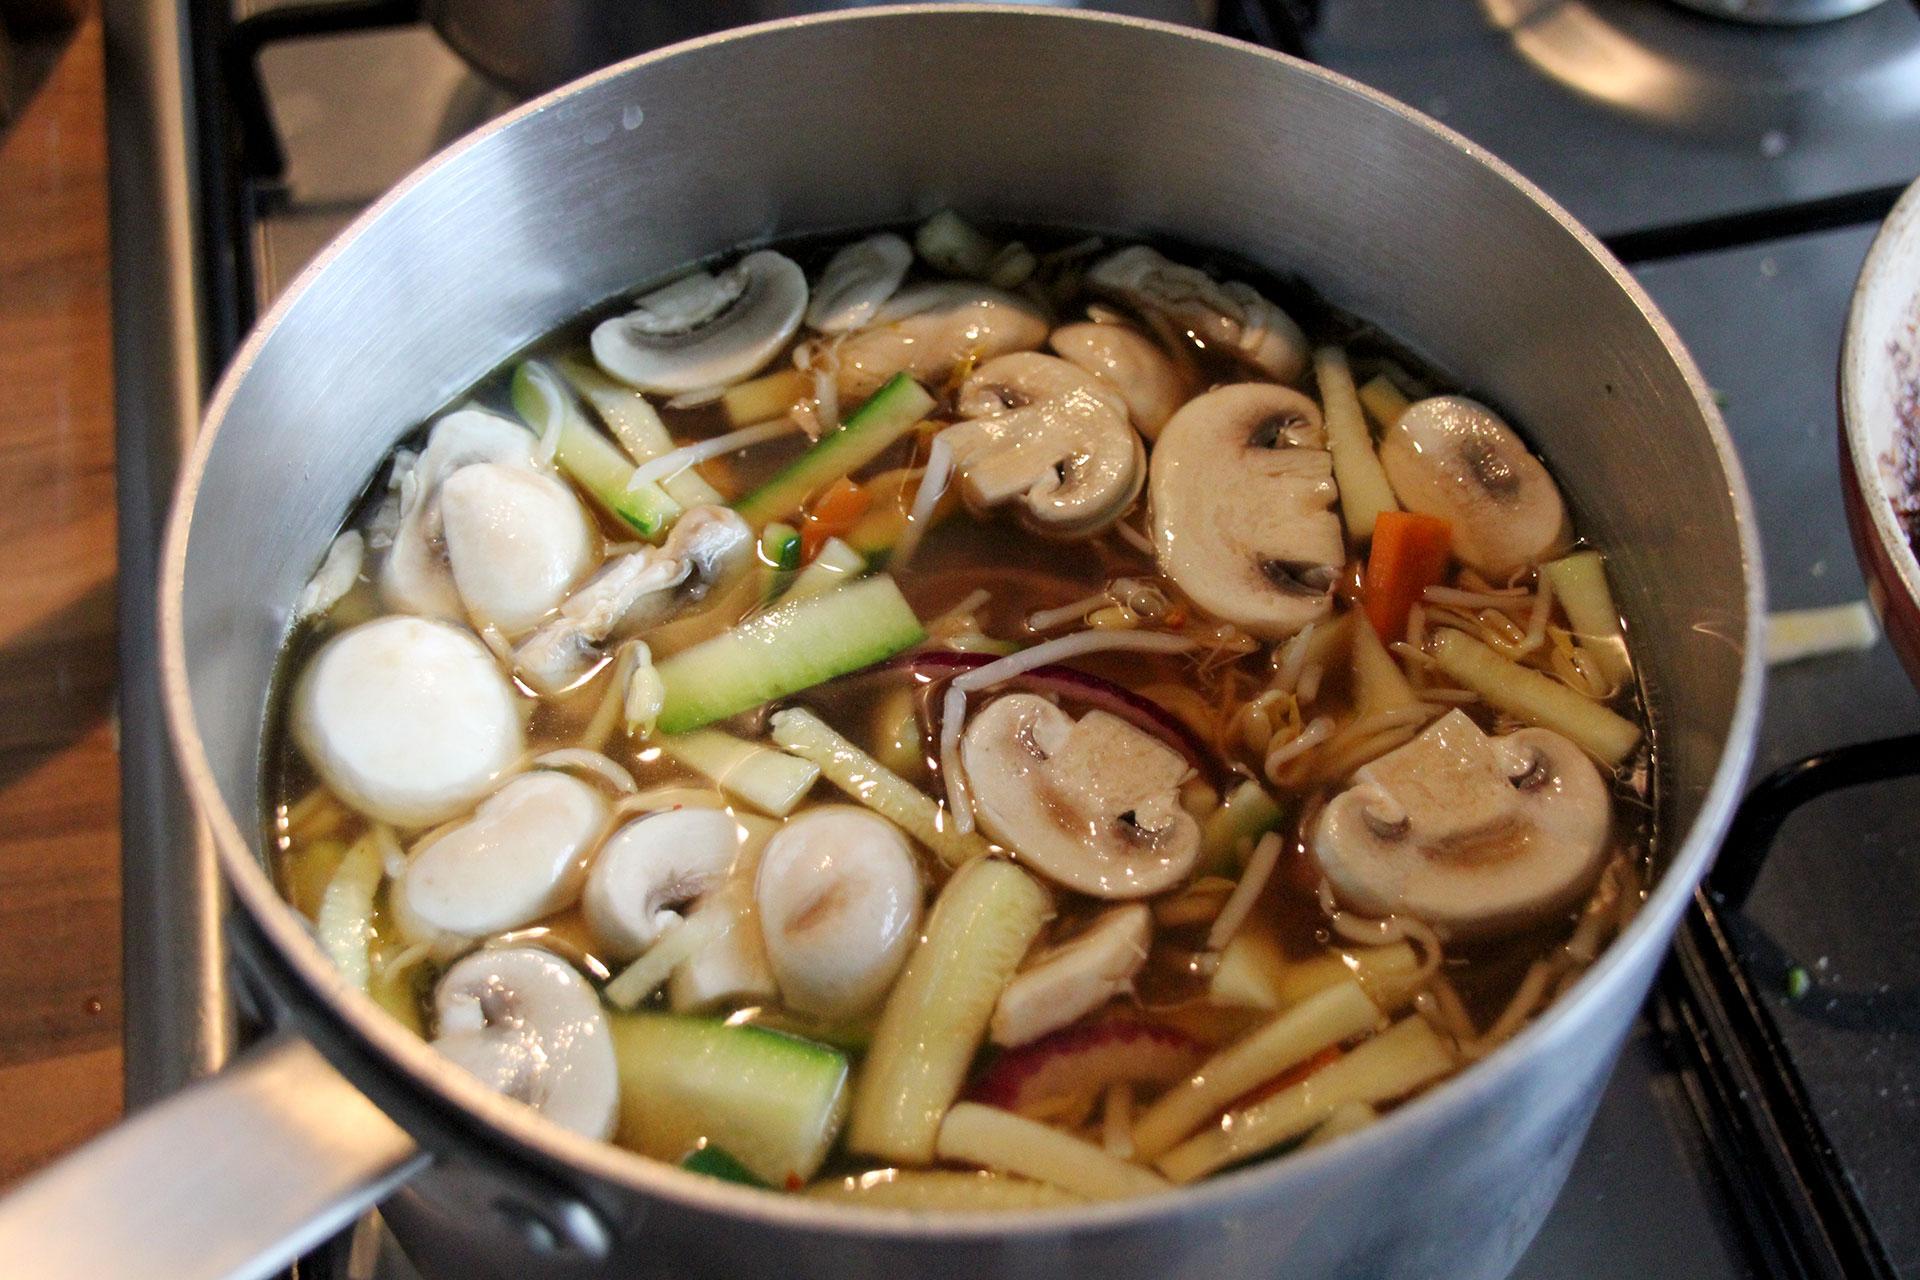 Boil your veg